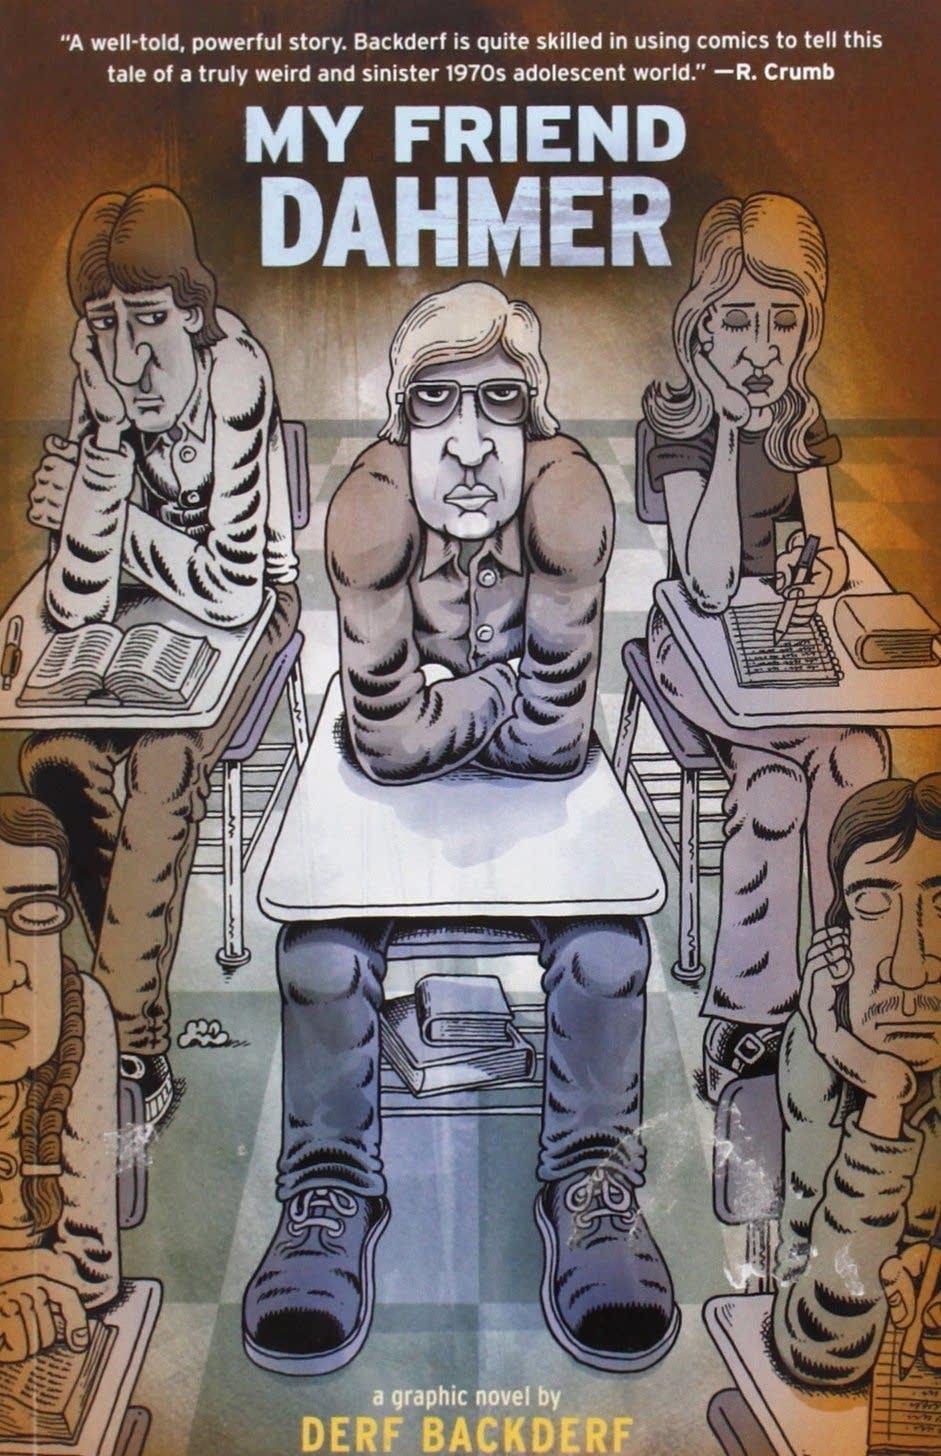 'My Friend Dahmer' by Derf Backderf